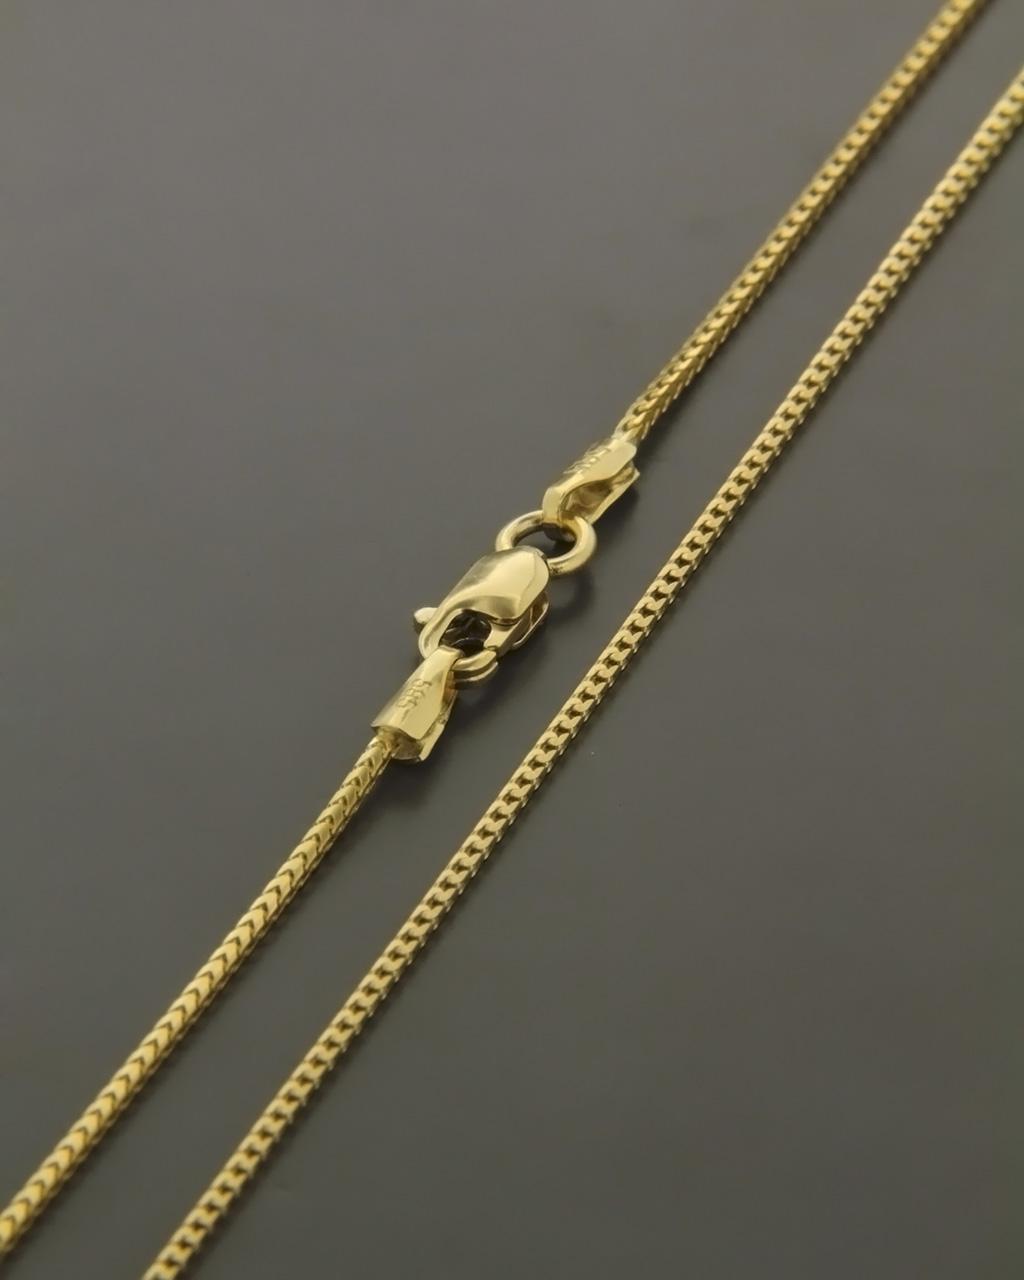 Αλυσίδα λαιμού χρυσή Κ14   κοσμηματα αλυσίδες λαιμού αλυσίδες χρυσές